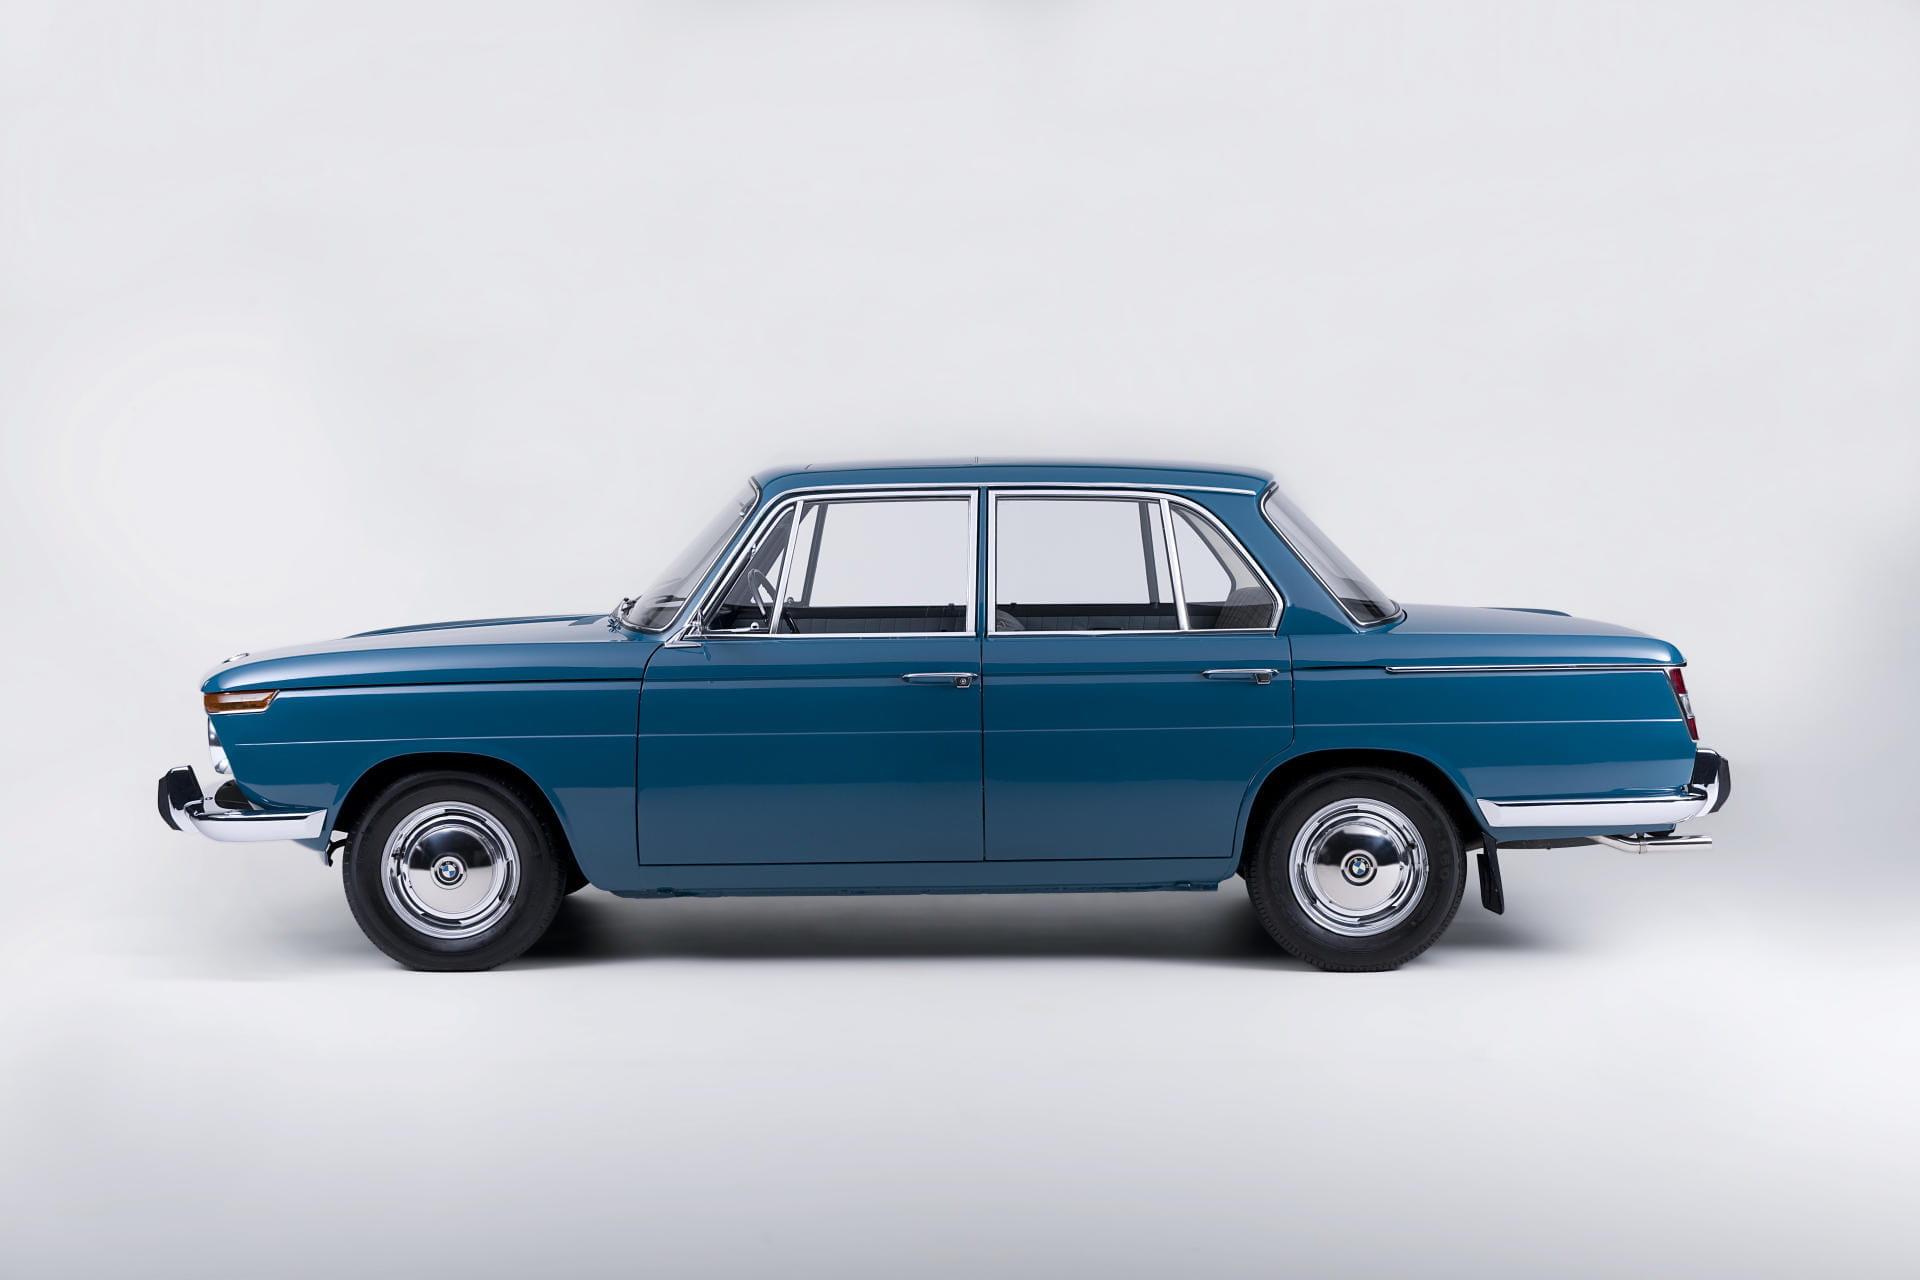 bmw - coches, precios y noticias de la marca | diariomotor